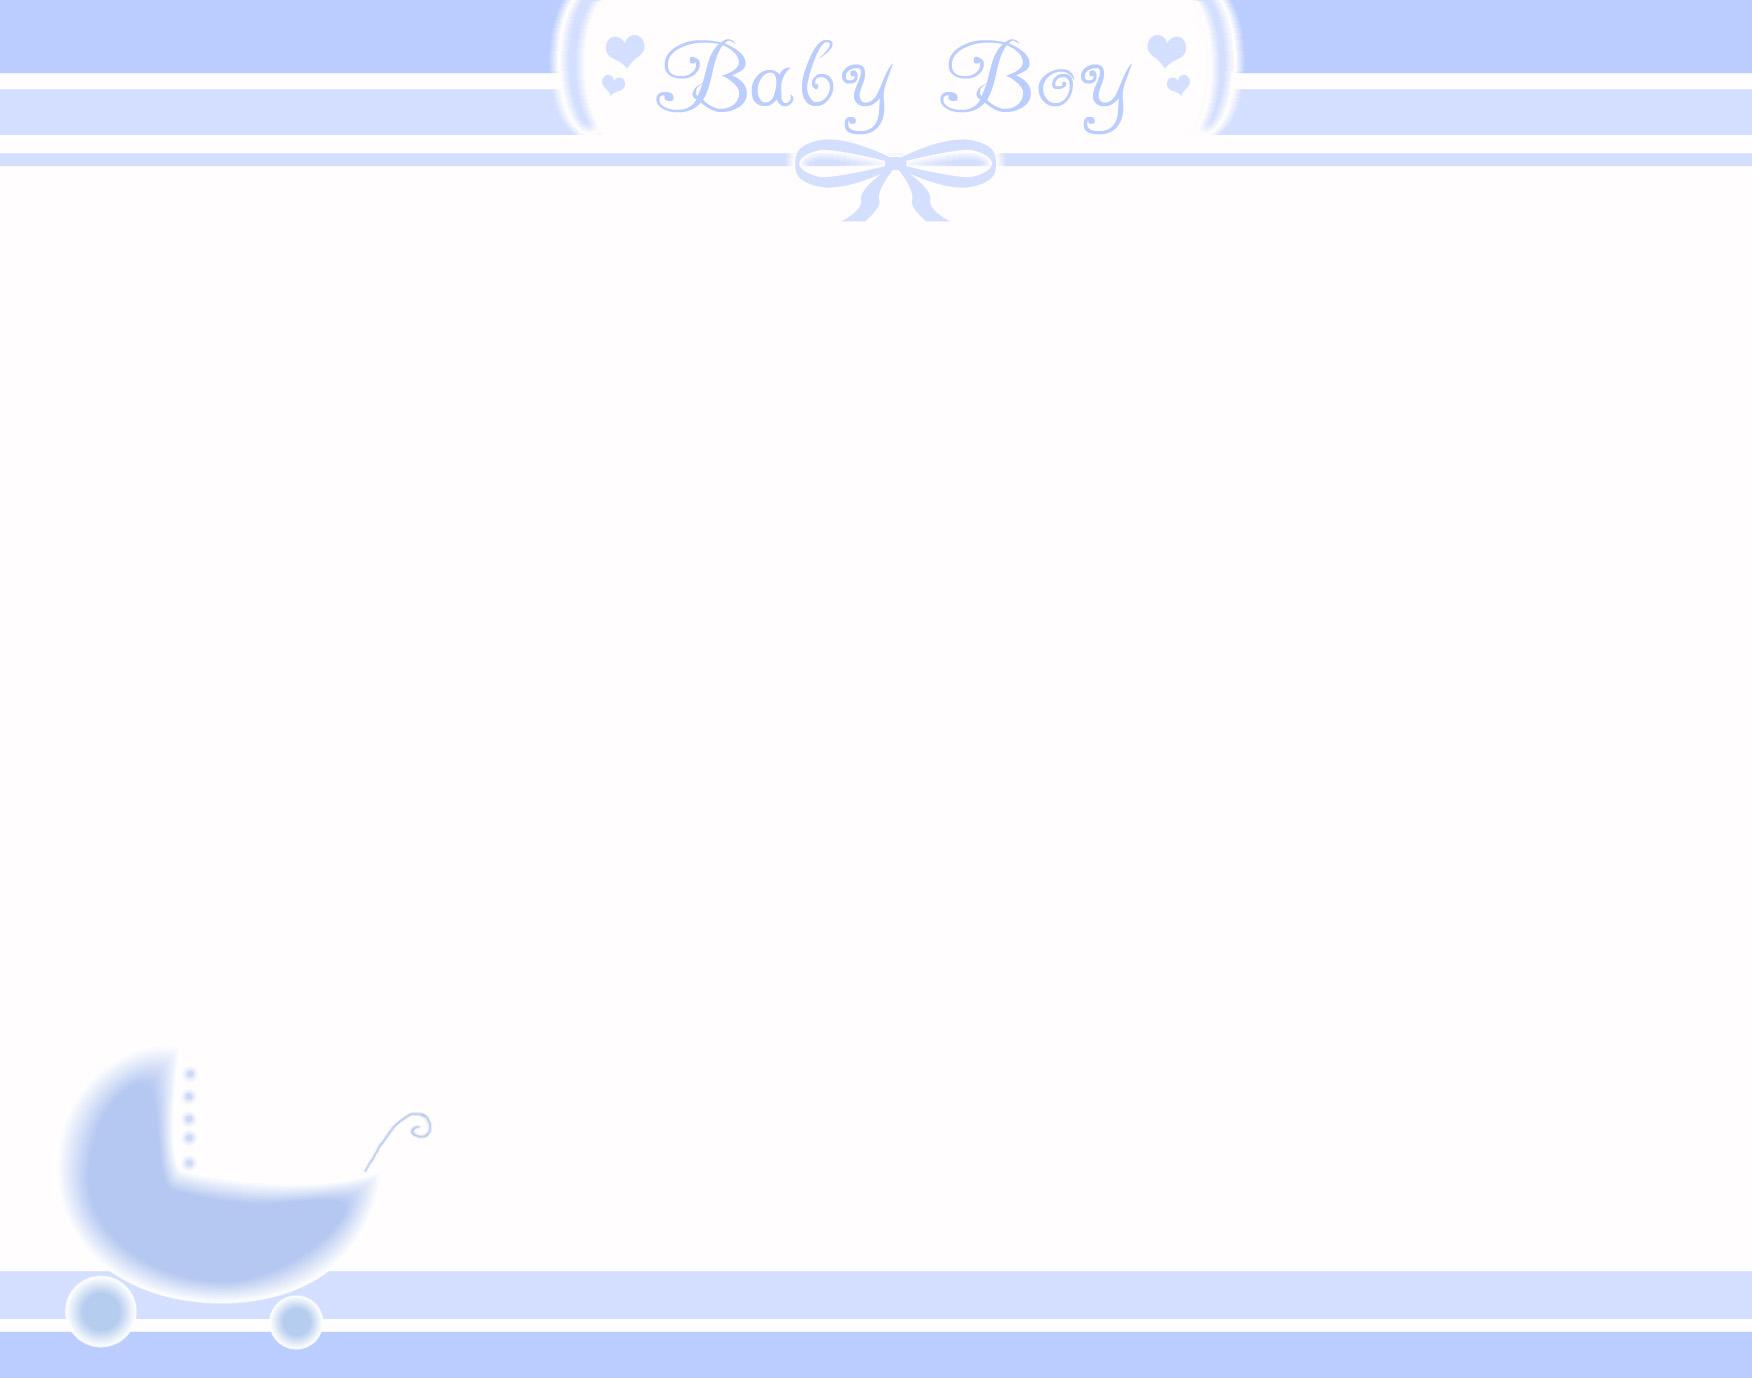 baby boy background design - photo #30